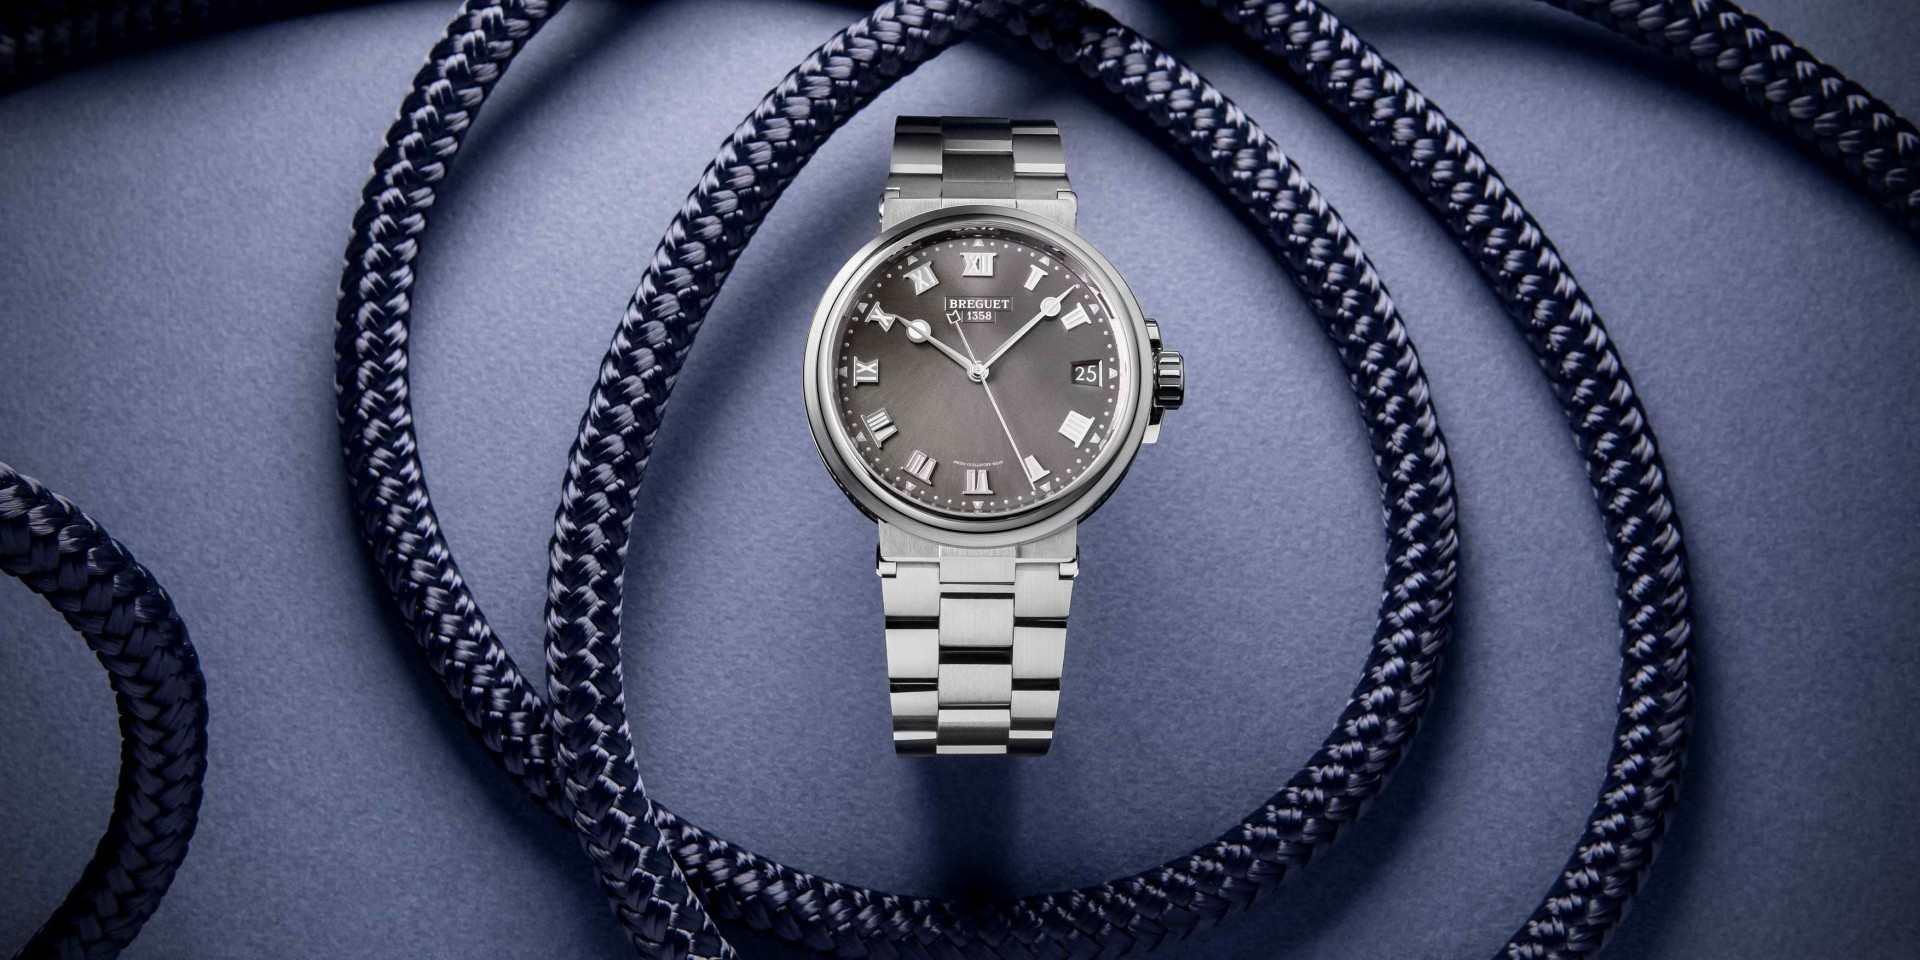 神仙眷侶遨遊熱戀之海:寶璣航海系列Marine 5517大三針腕錶與Marine Dame 9518仕女鑽錶